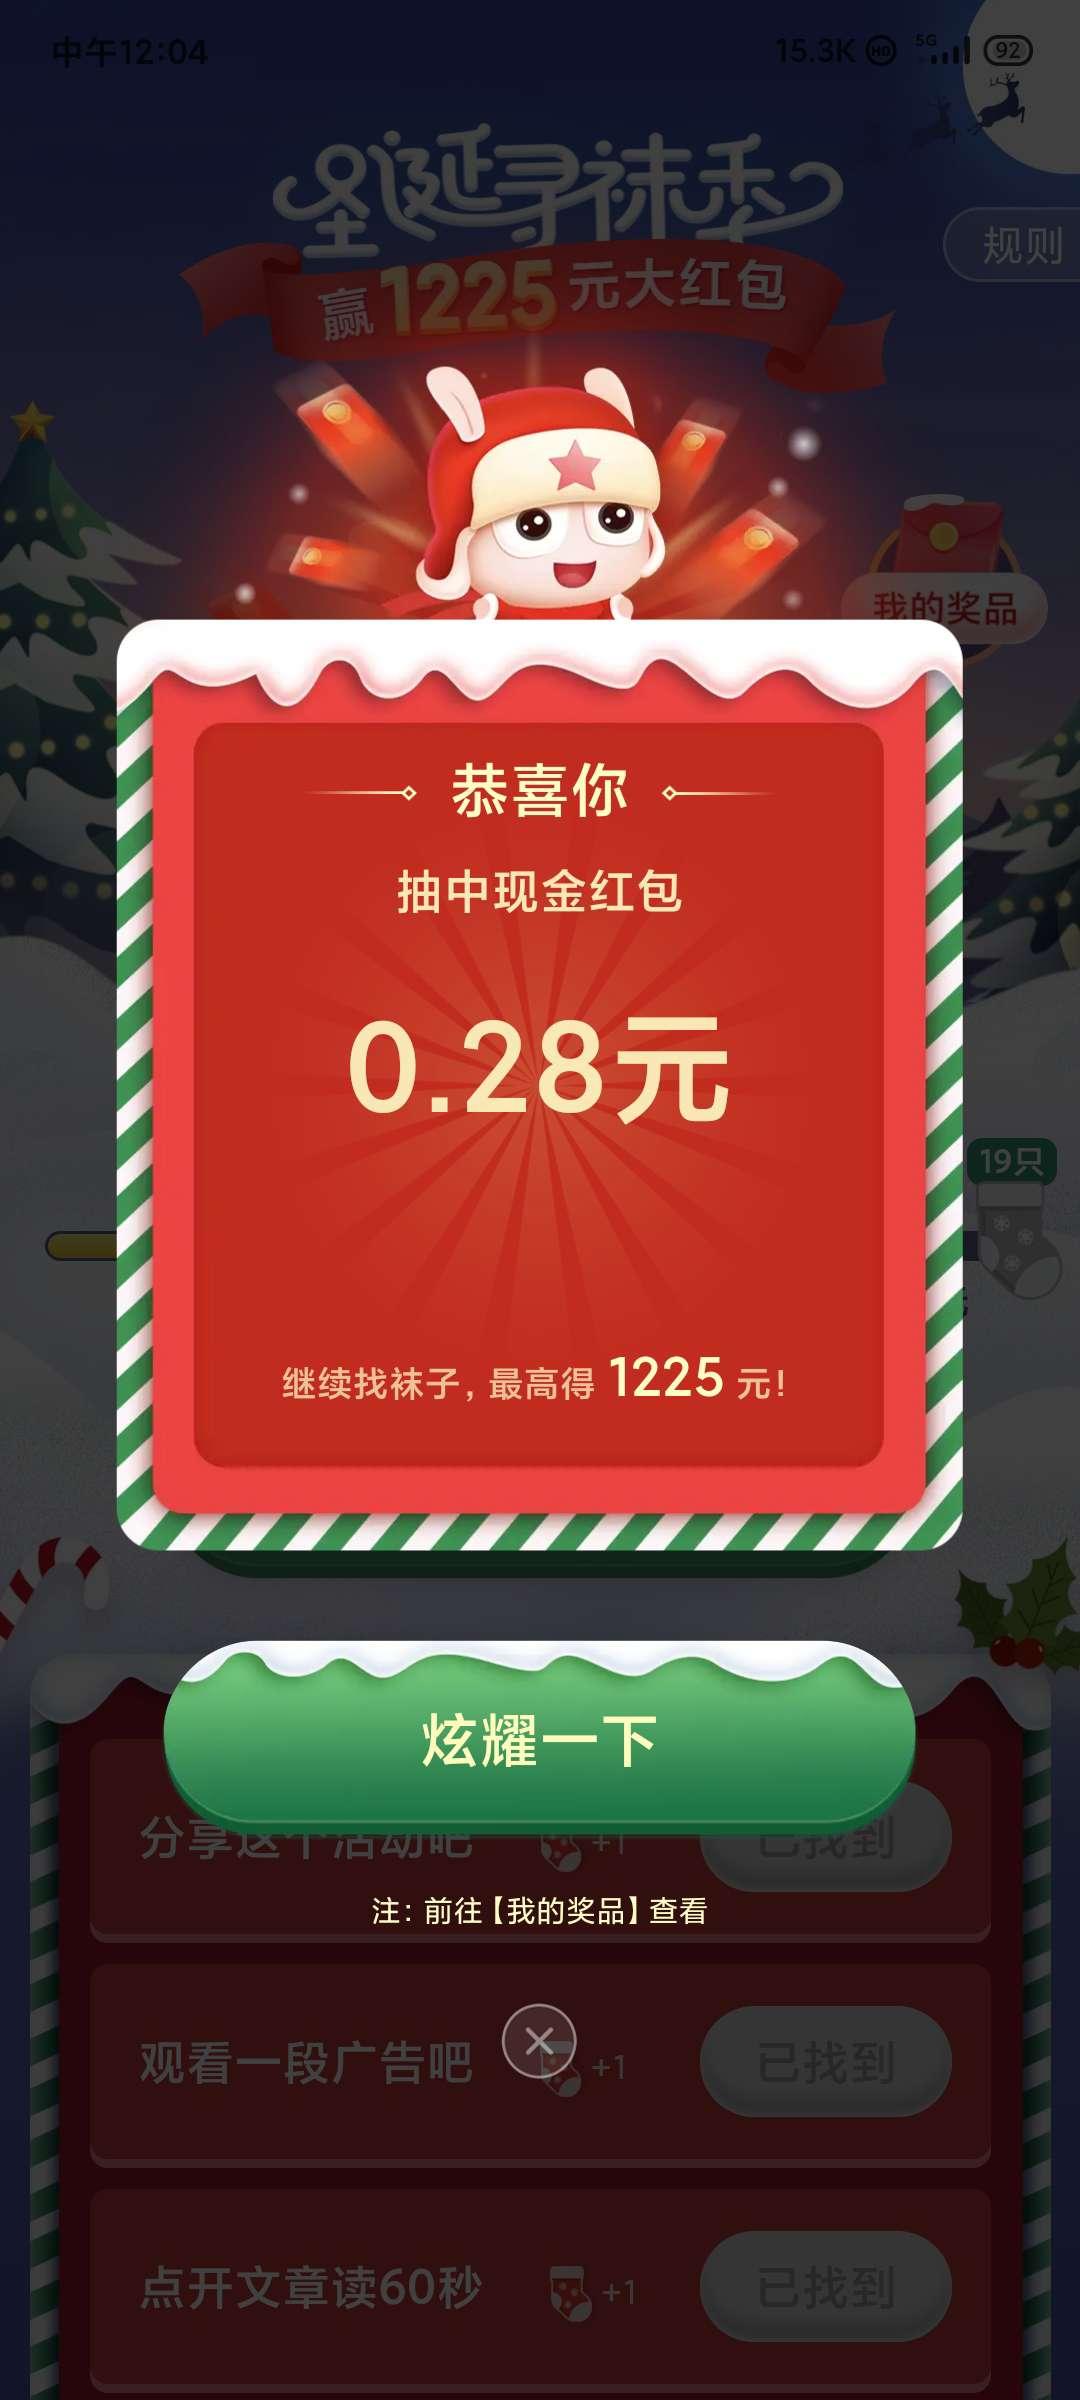 图片[1]-小米浏览器app圣诞寻袜季领红包-老友薅羊毛活动线报网